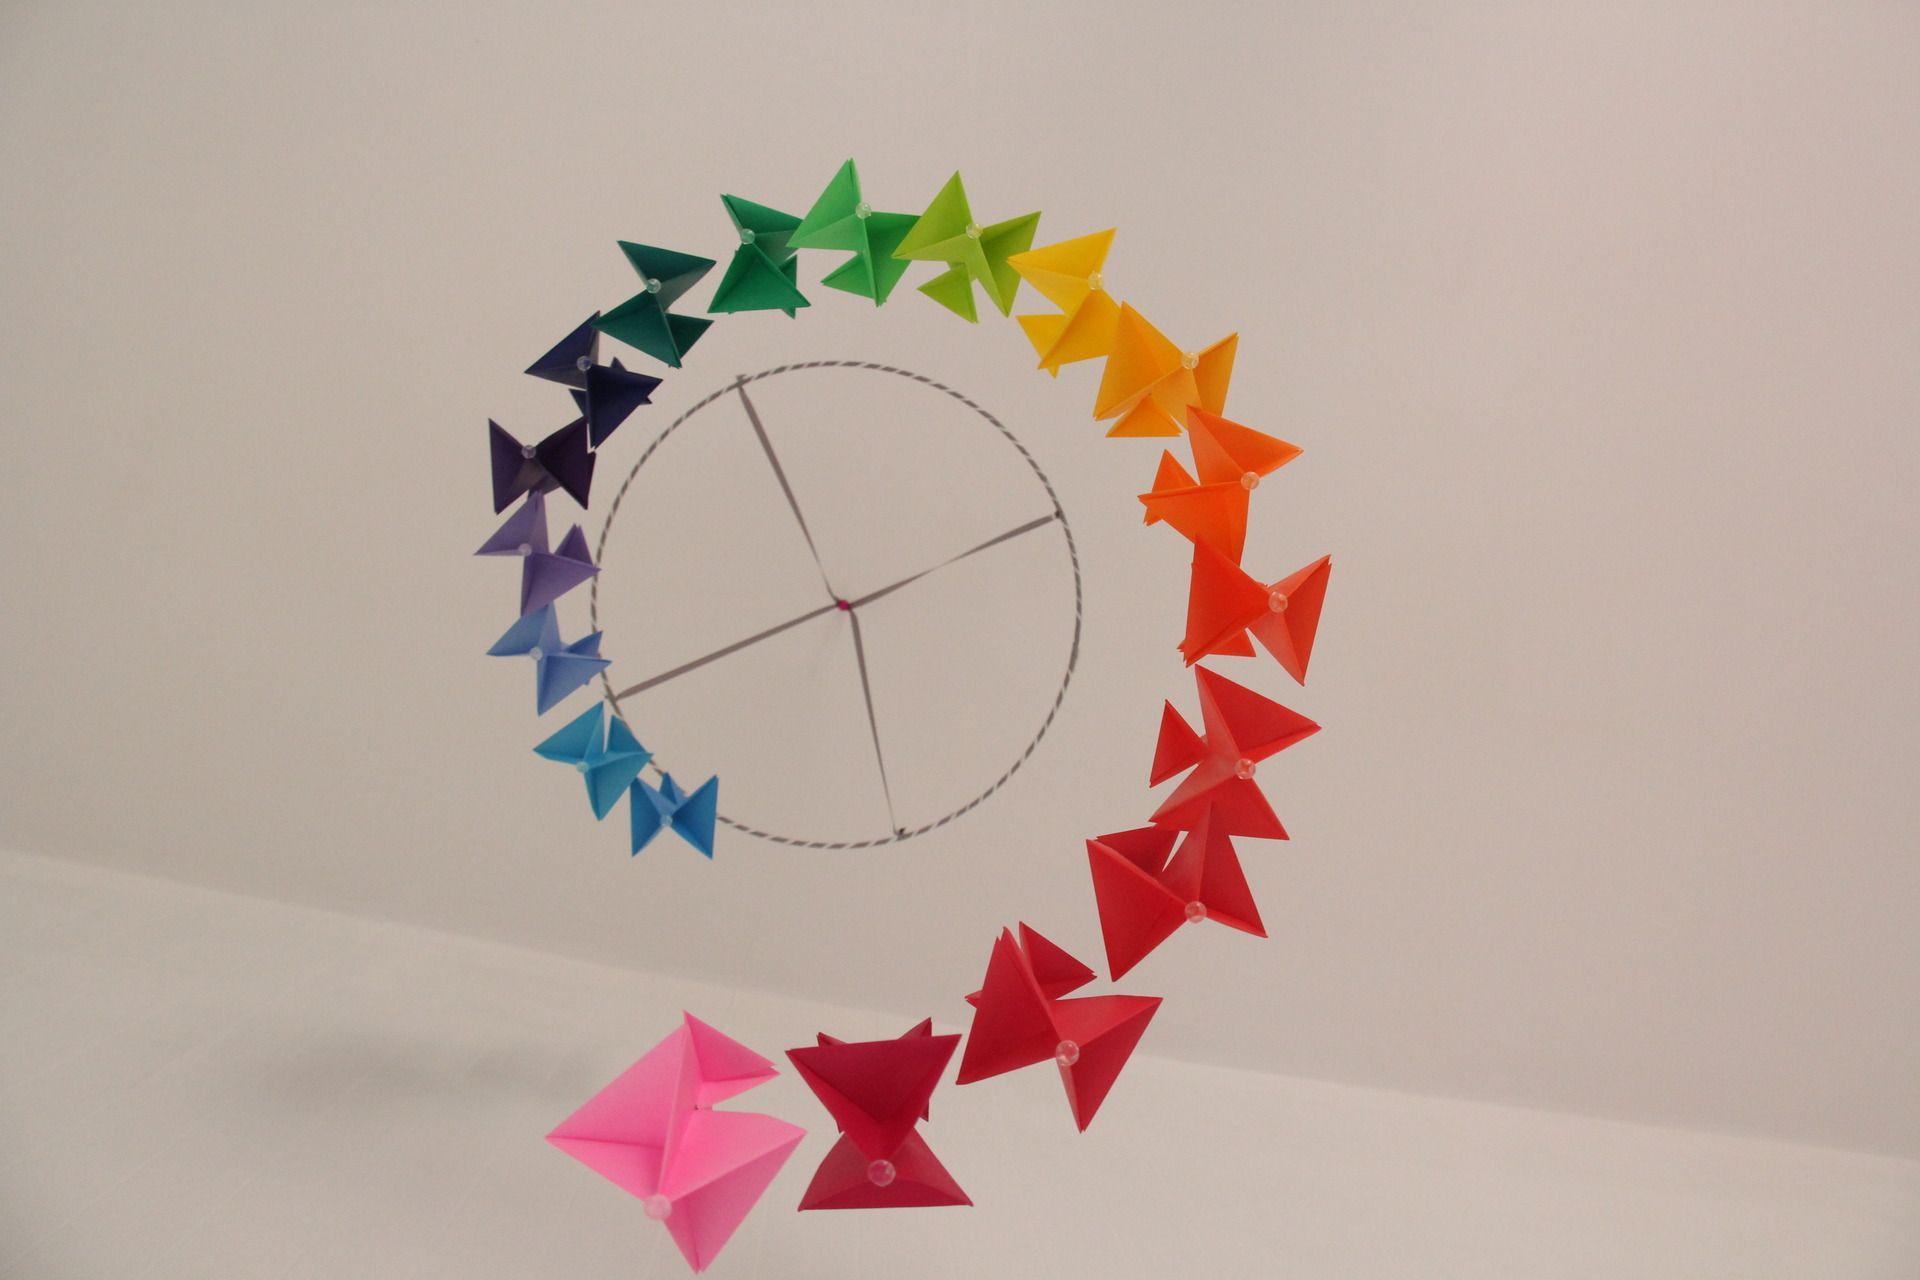 mobile pour b b en origami fait main d coration pour enfants par lizoo88 nursery pinterest. Black Bedroom Furniture Sets. Home Design Ideas